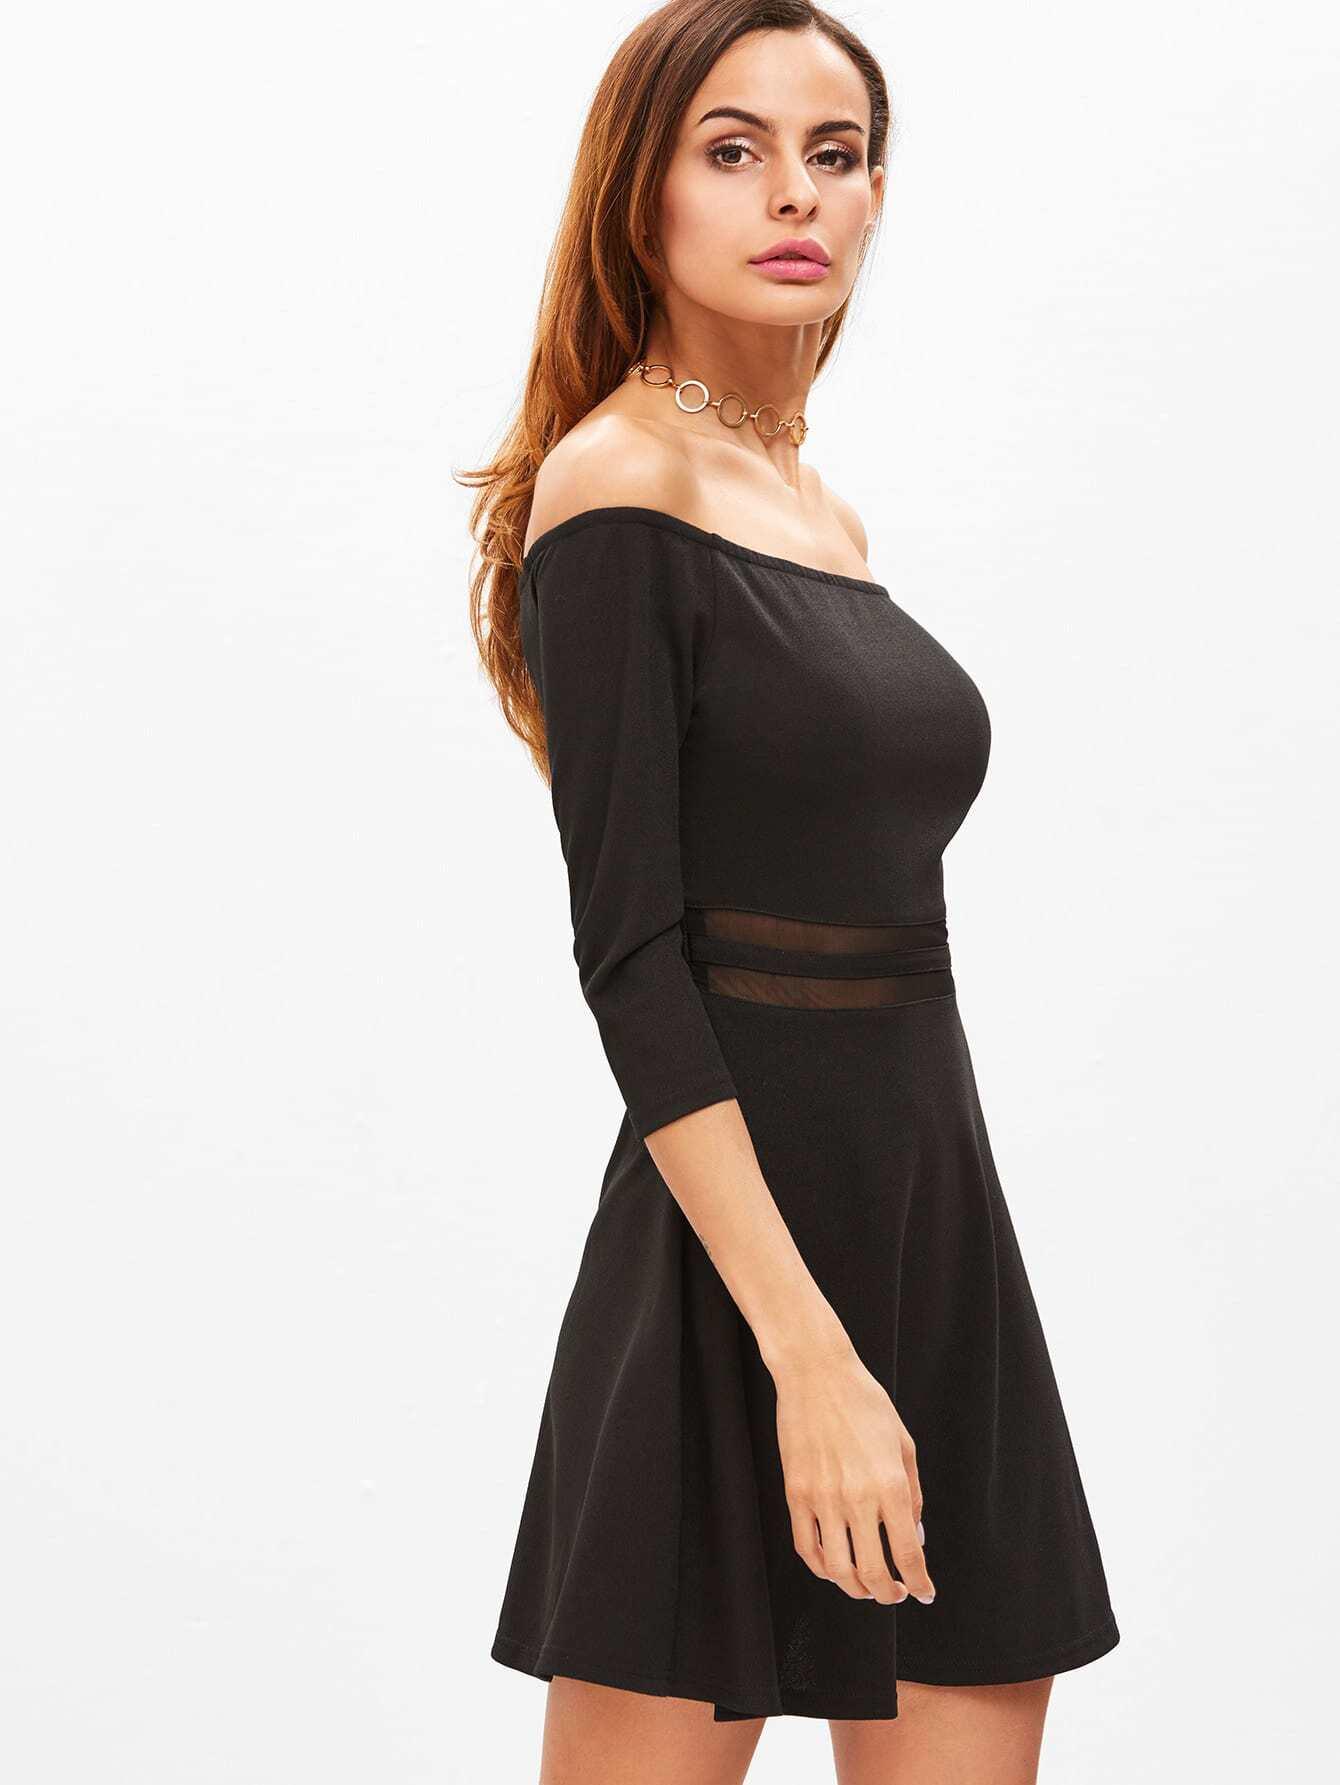 dress161202740_2